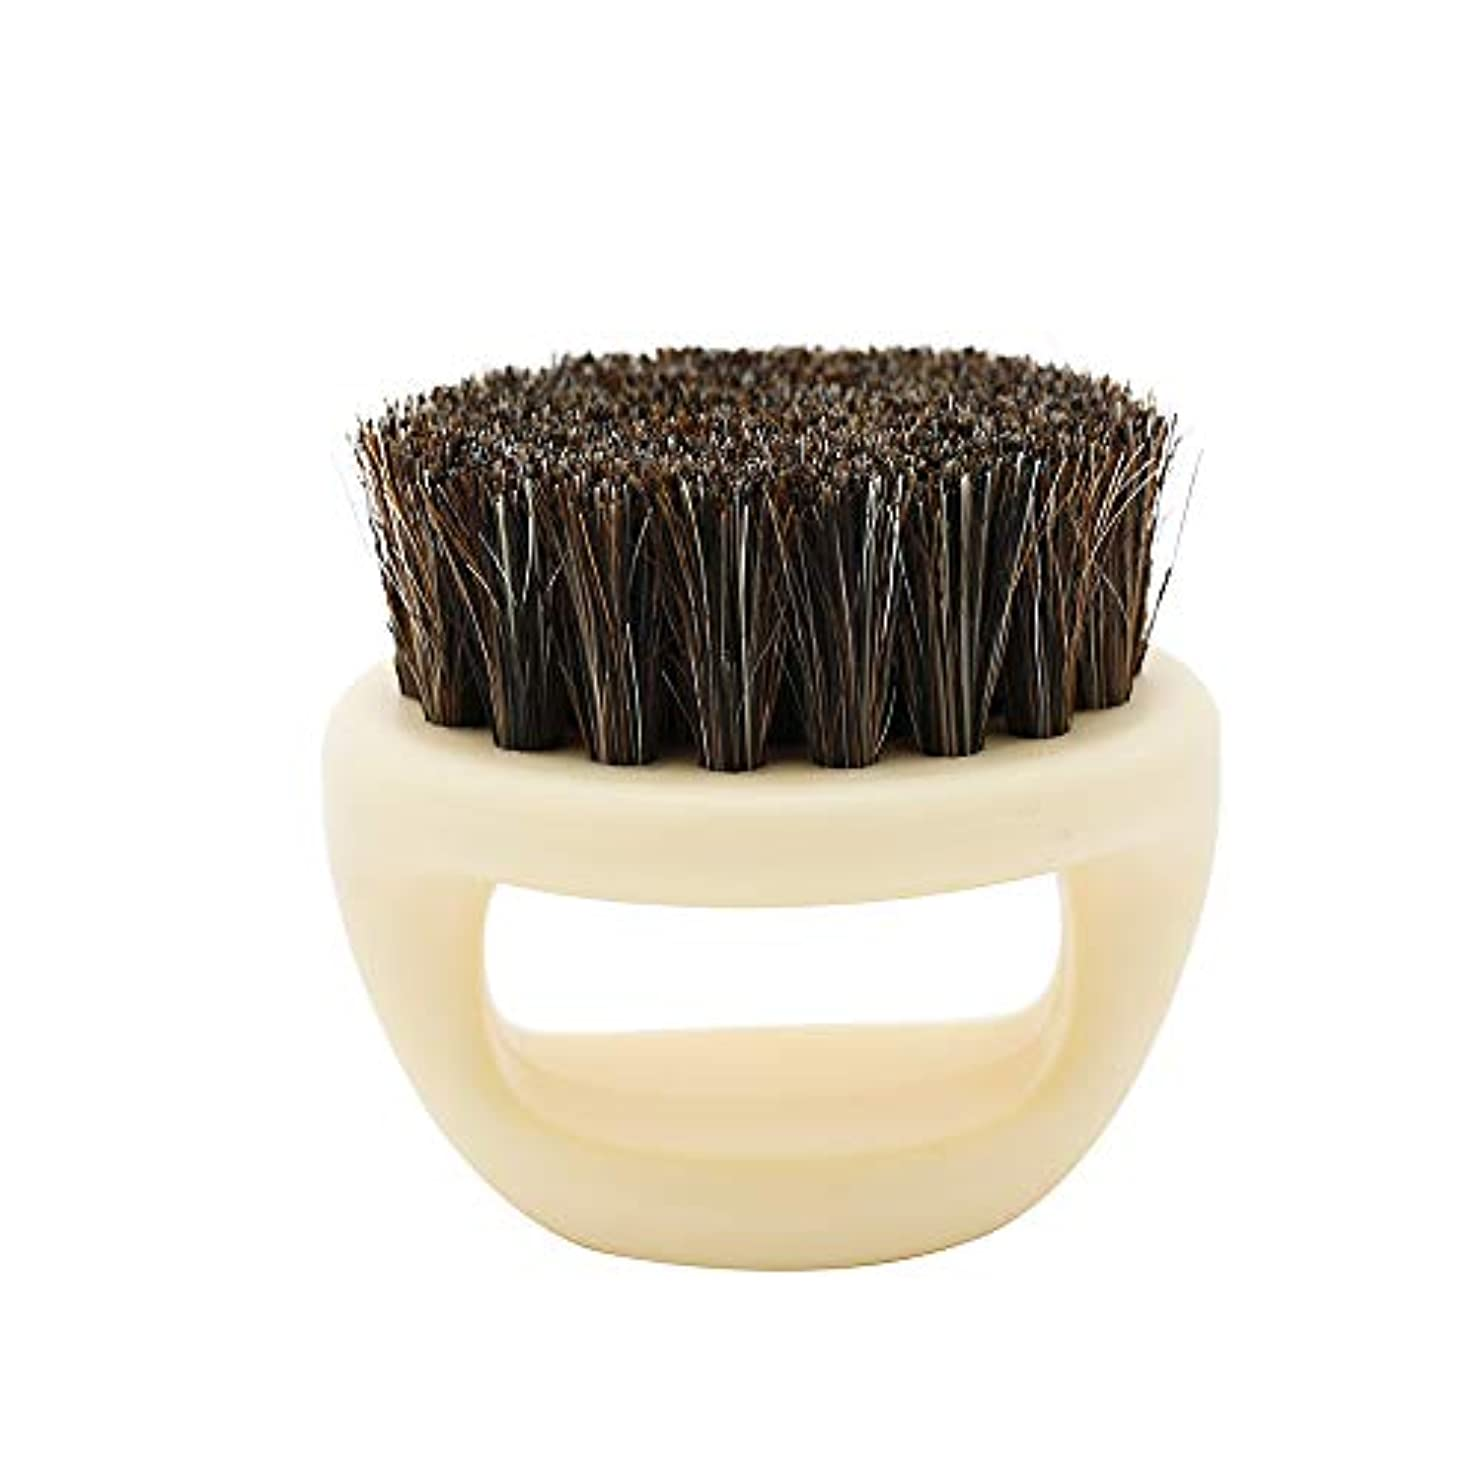 一族イライラする散るNrpfell 1個リングデザイン馬毛メンズシェービングブラシプラスチック製の可搬式理容ひげブラシサロンフェイスクリーニングかみそりブラシ(ホワイト)